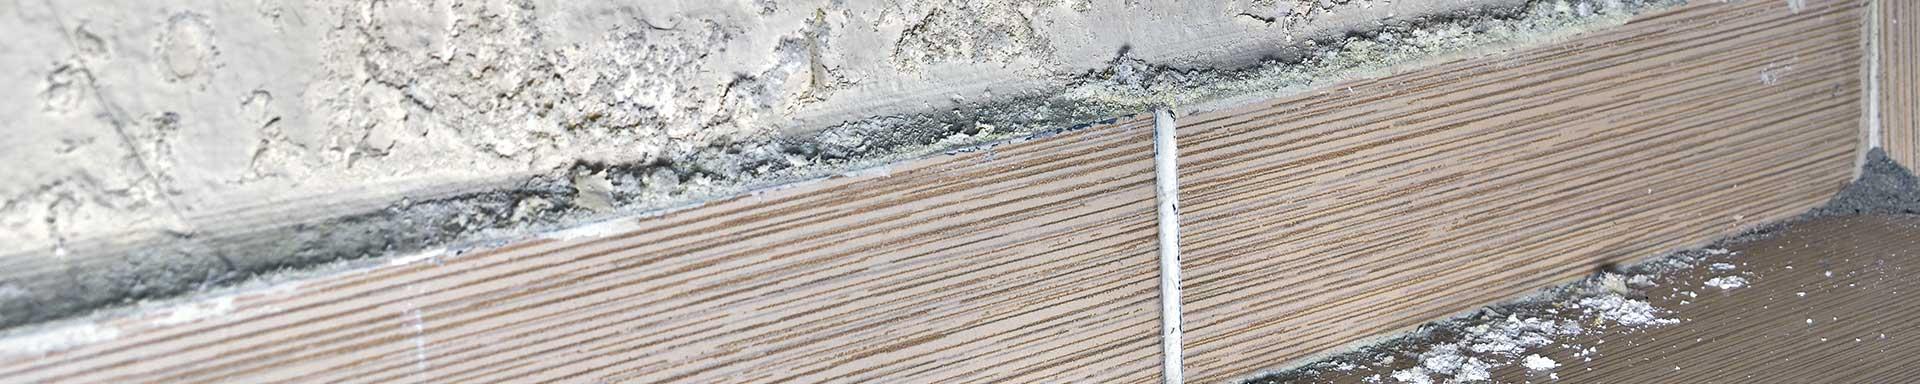 damp degraded floor skirting